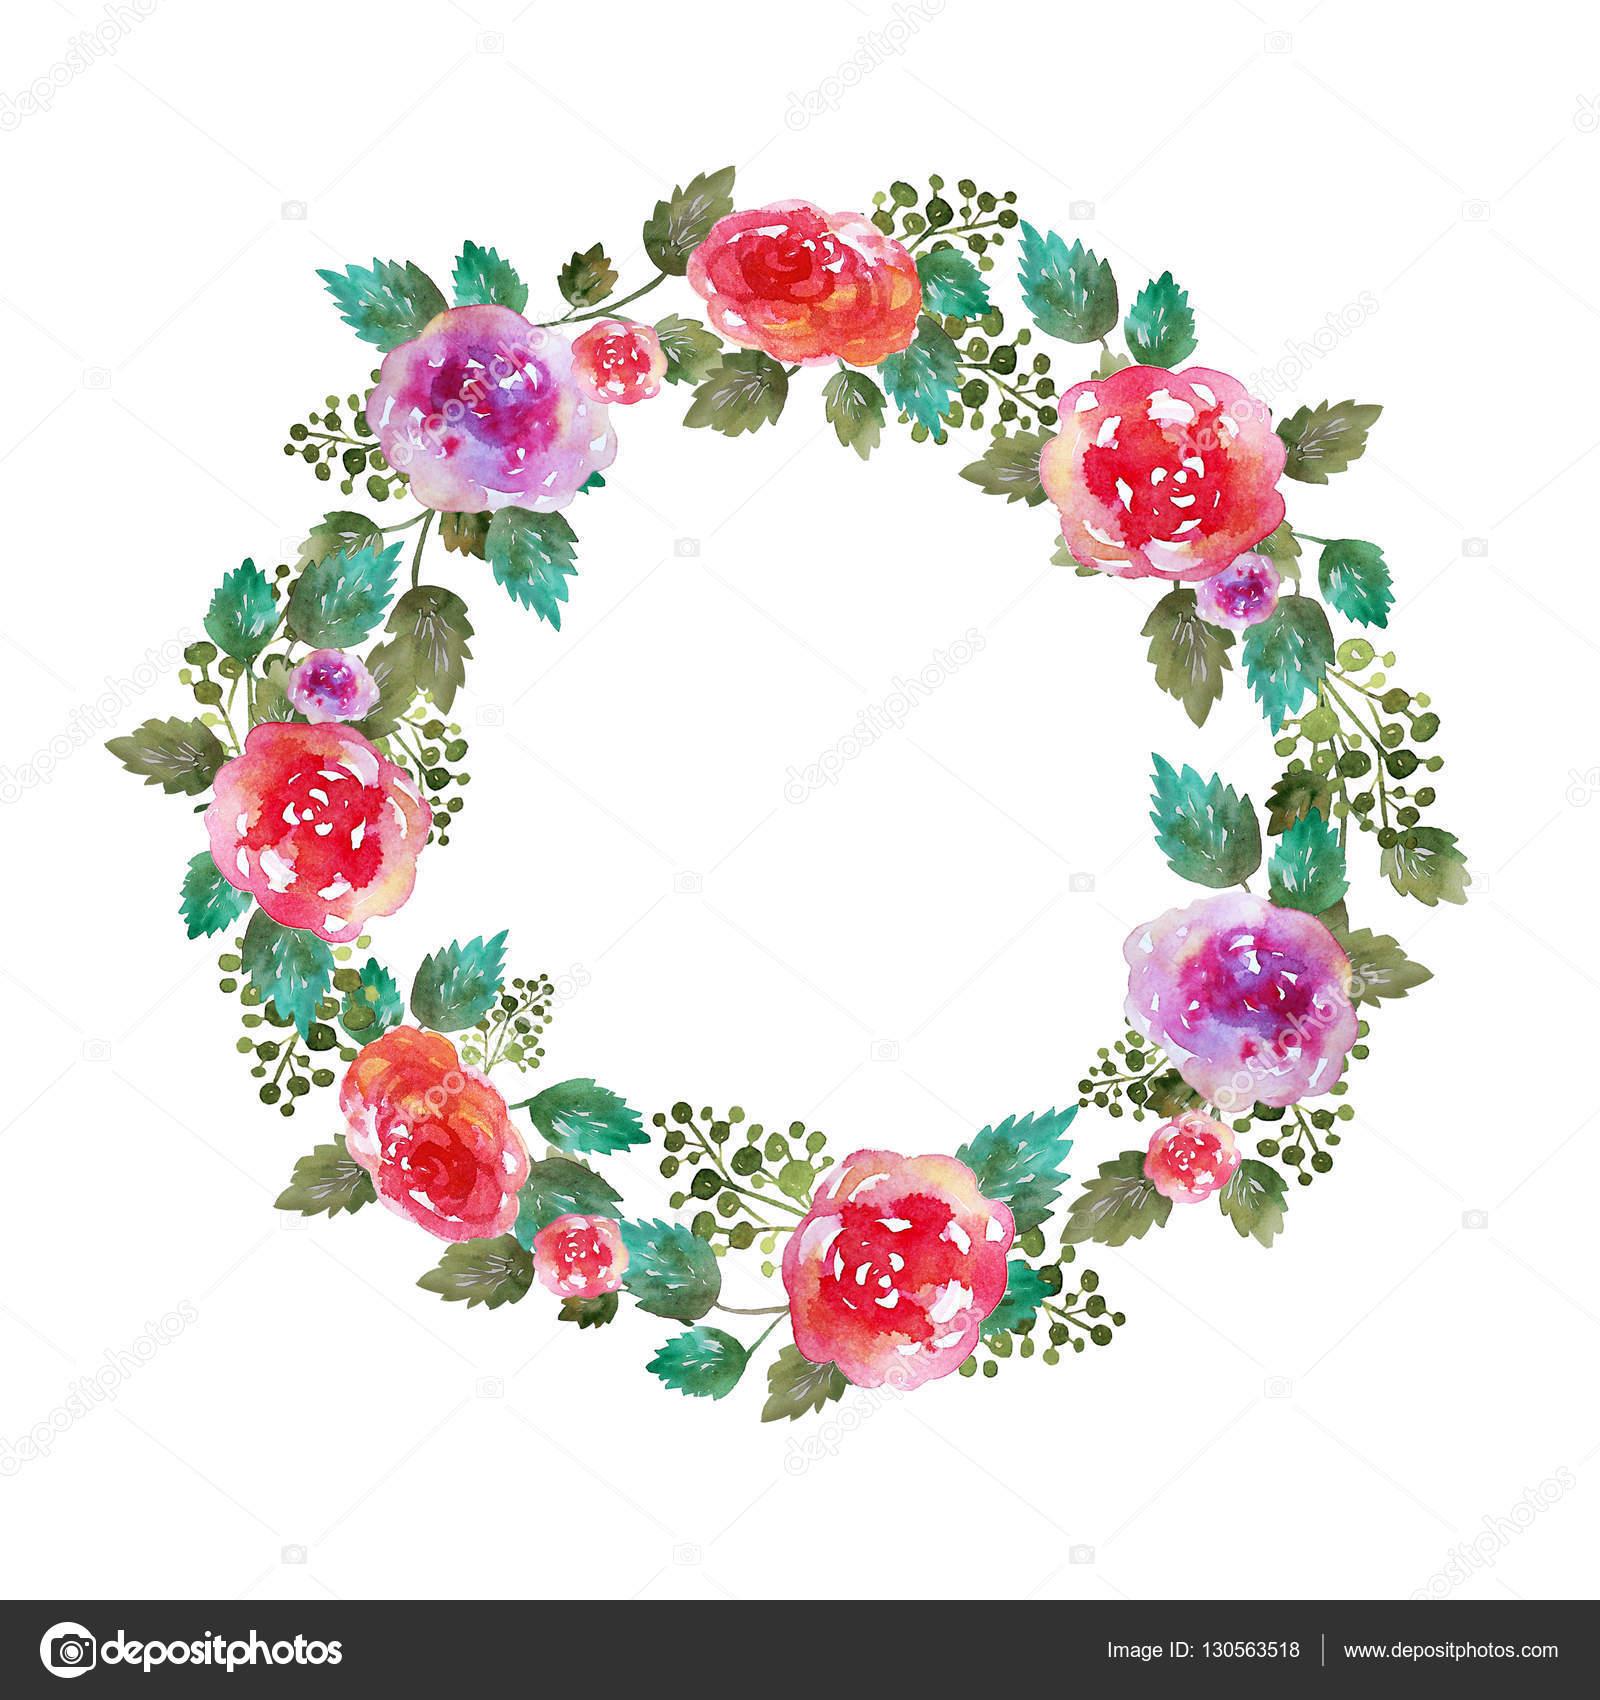 Springtime Wreaths バラの花と葉でビンテージ フローラル リース結婚式フレーム。グリーティング カード。手描き水彩の要素。装飾イラスト